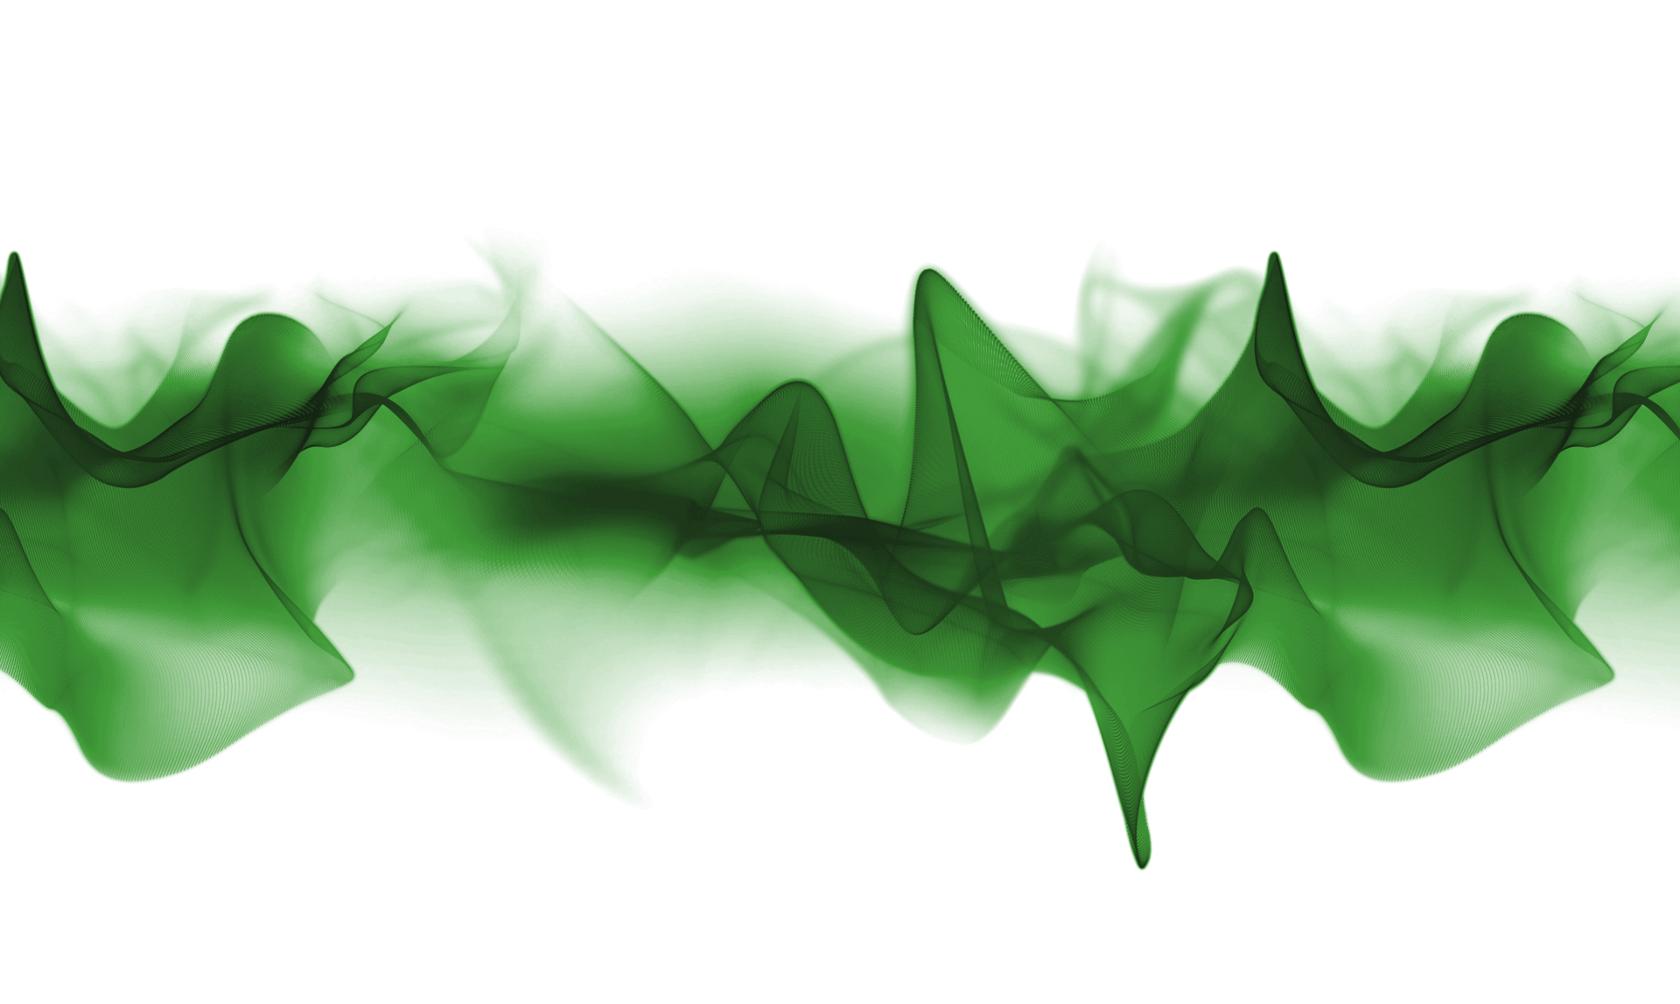 Xperia Live Wallpaper Cosmic Flow Apk Wallpaper Directory